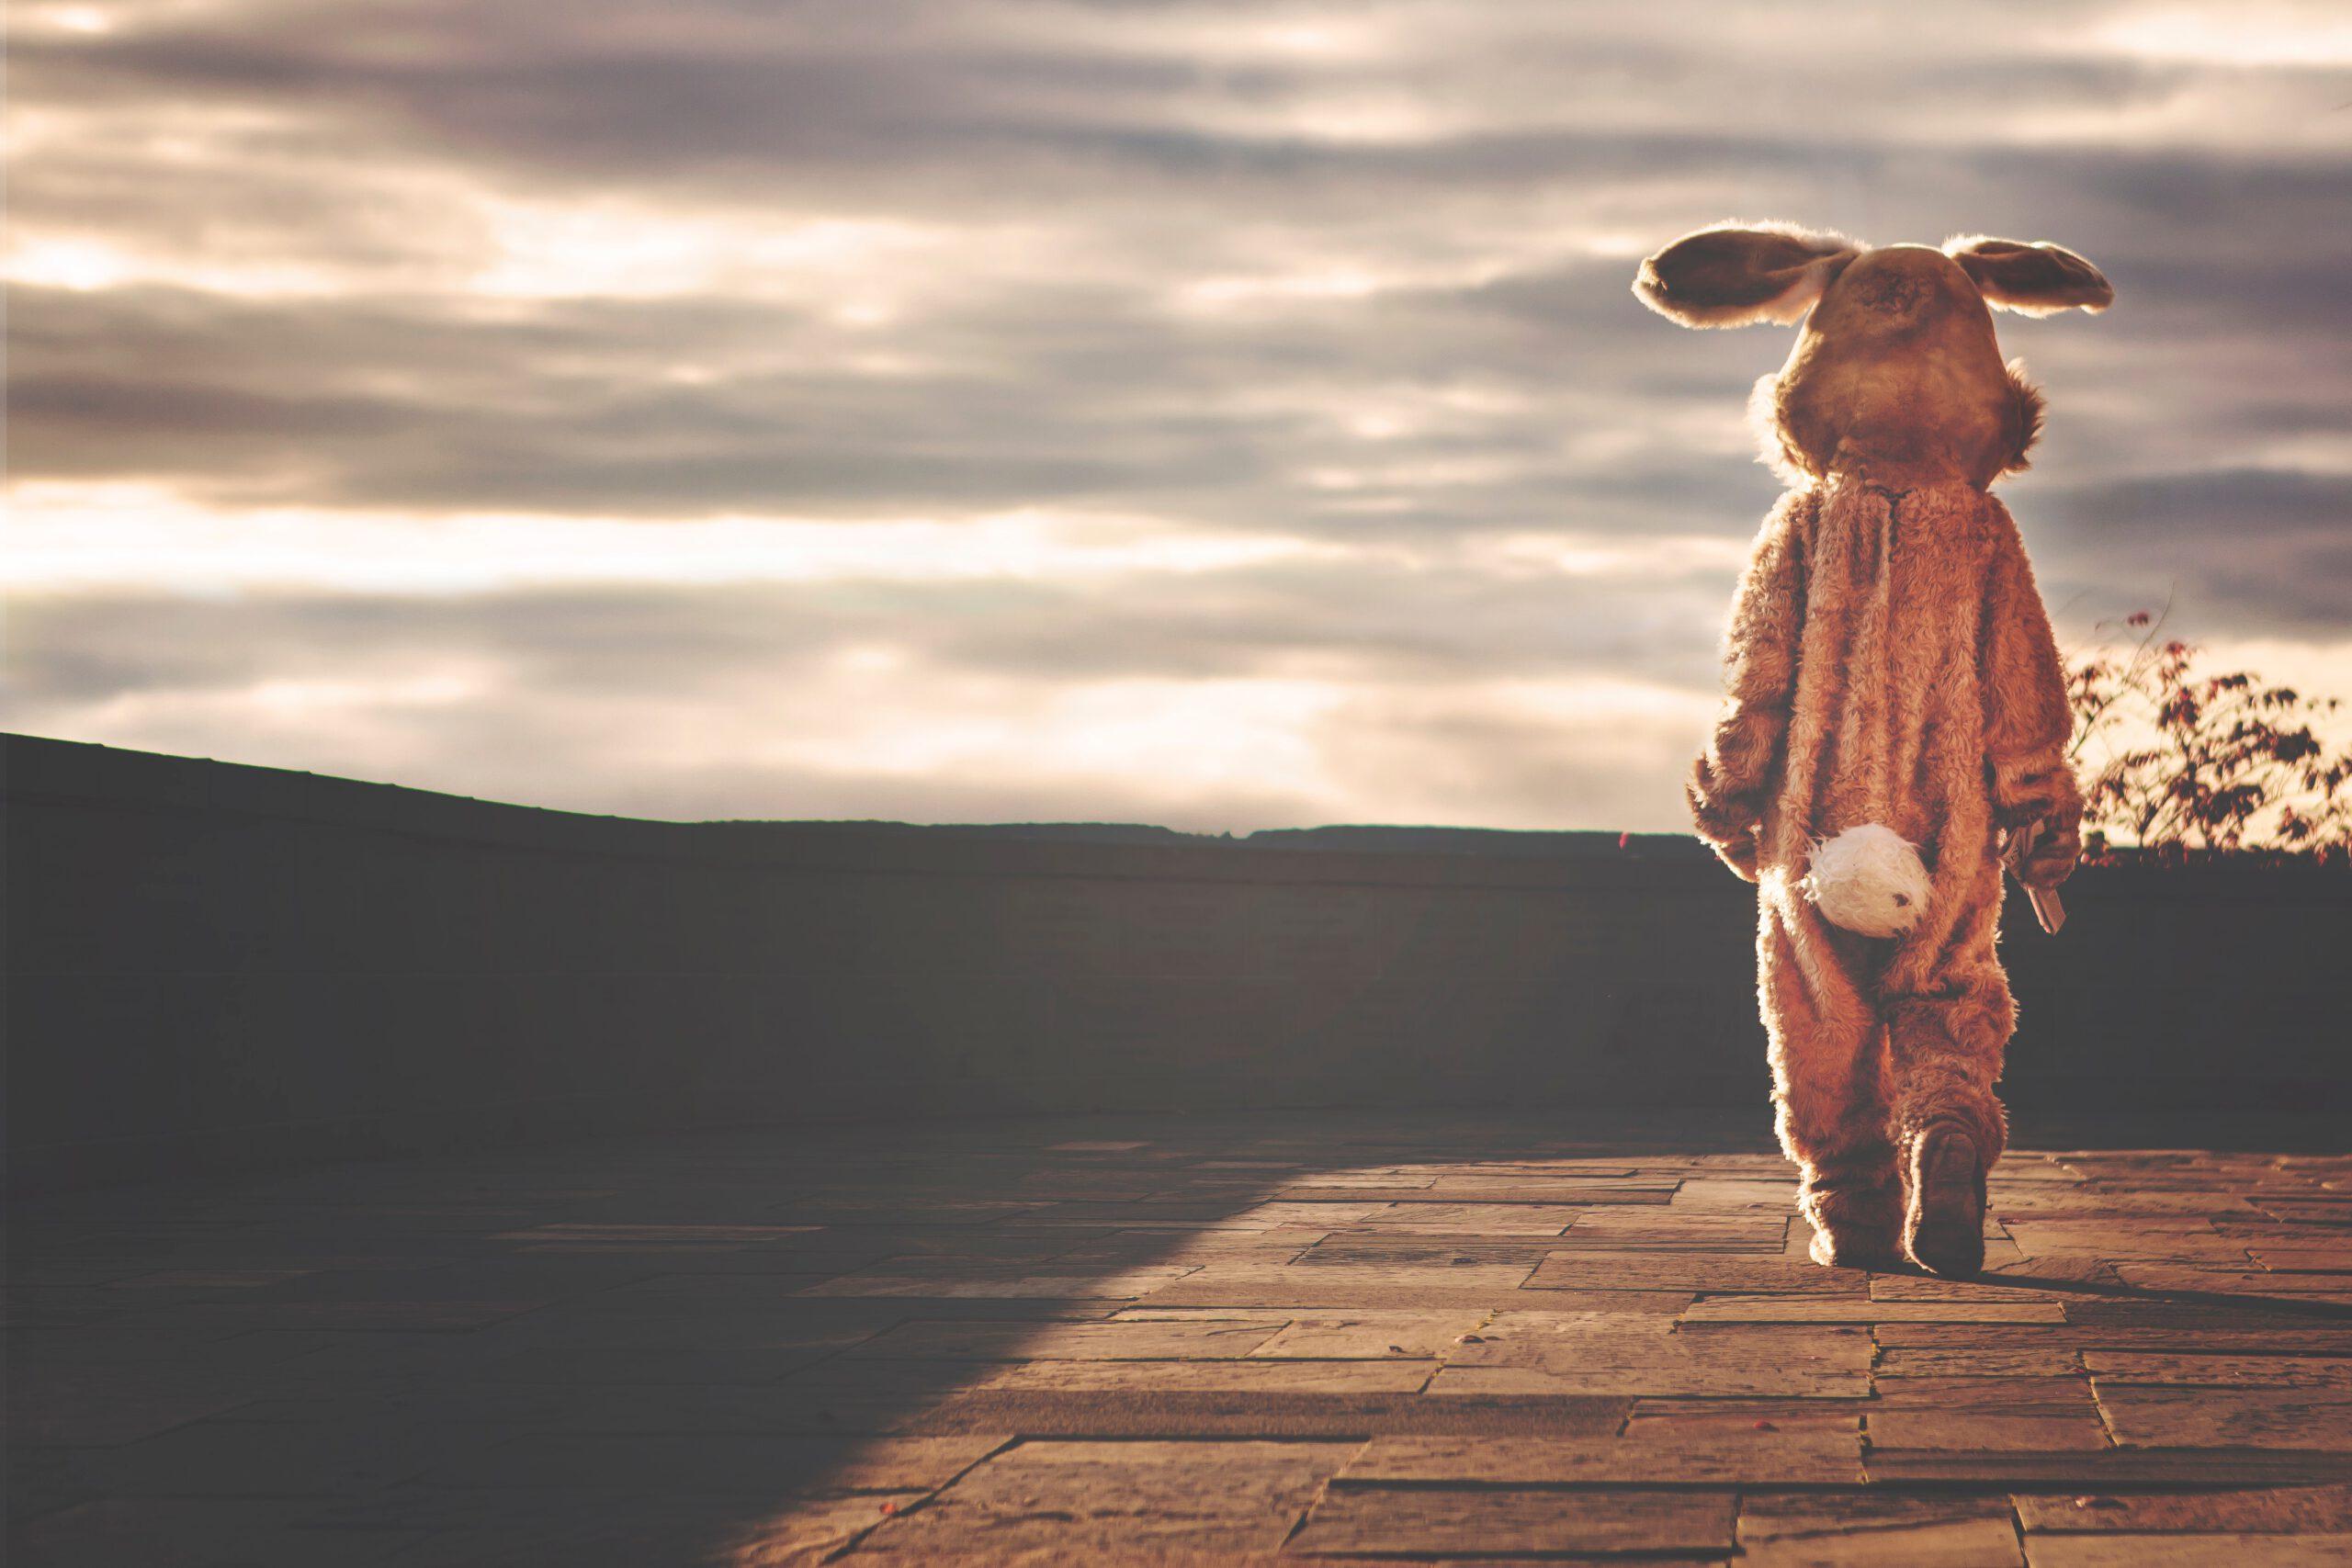 Wielkanoc i wyjazd do rodziny a może tylko spacer? Co nam wolno